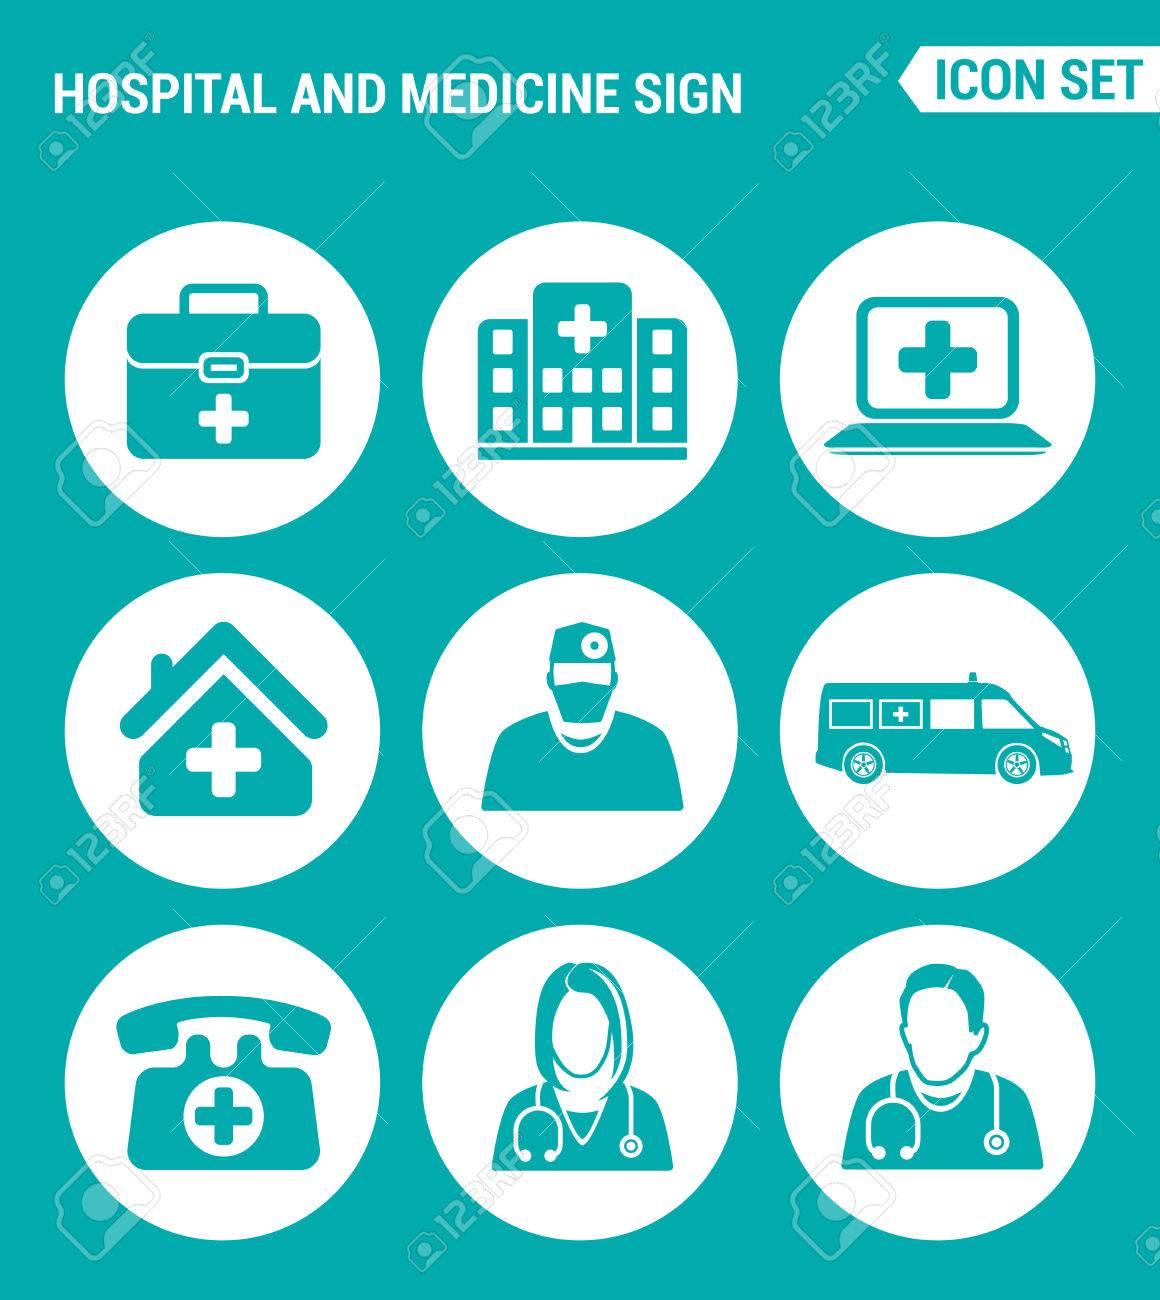 Conjunto de vectores iconos de la web  Hospital, rescate, paramédico,  personas, ambulancias, médico, emergencia  Diseño de los signos, símbolos  sobre